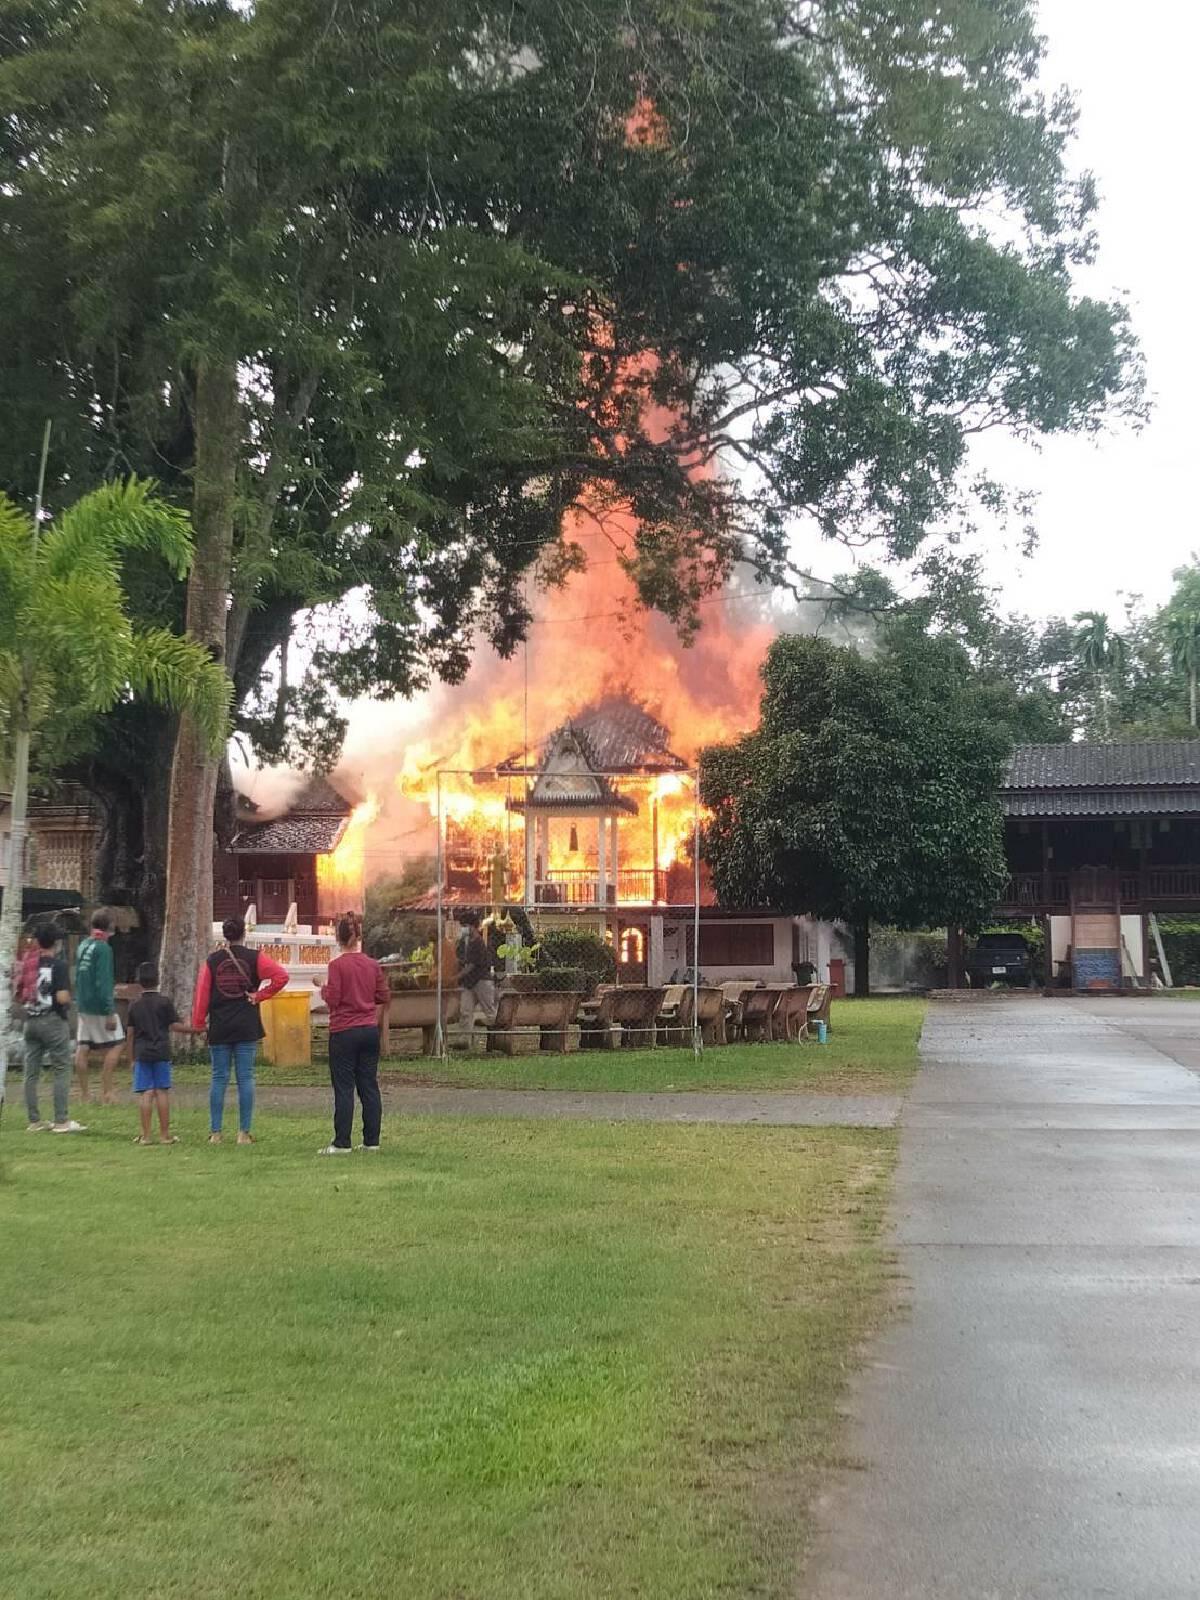 ไฟไหม้กุฎิพระเก่าอายุกว่า 100 ปี วอด 3 หลัง